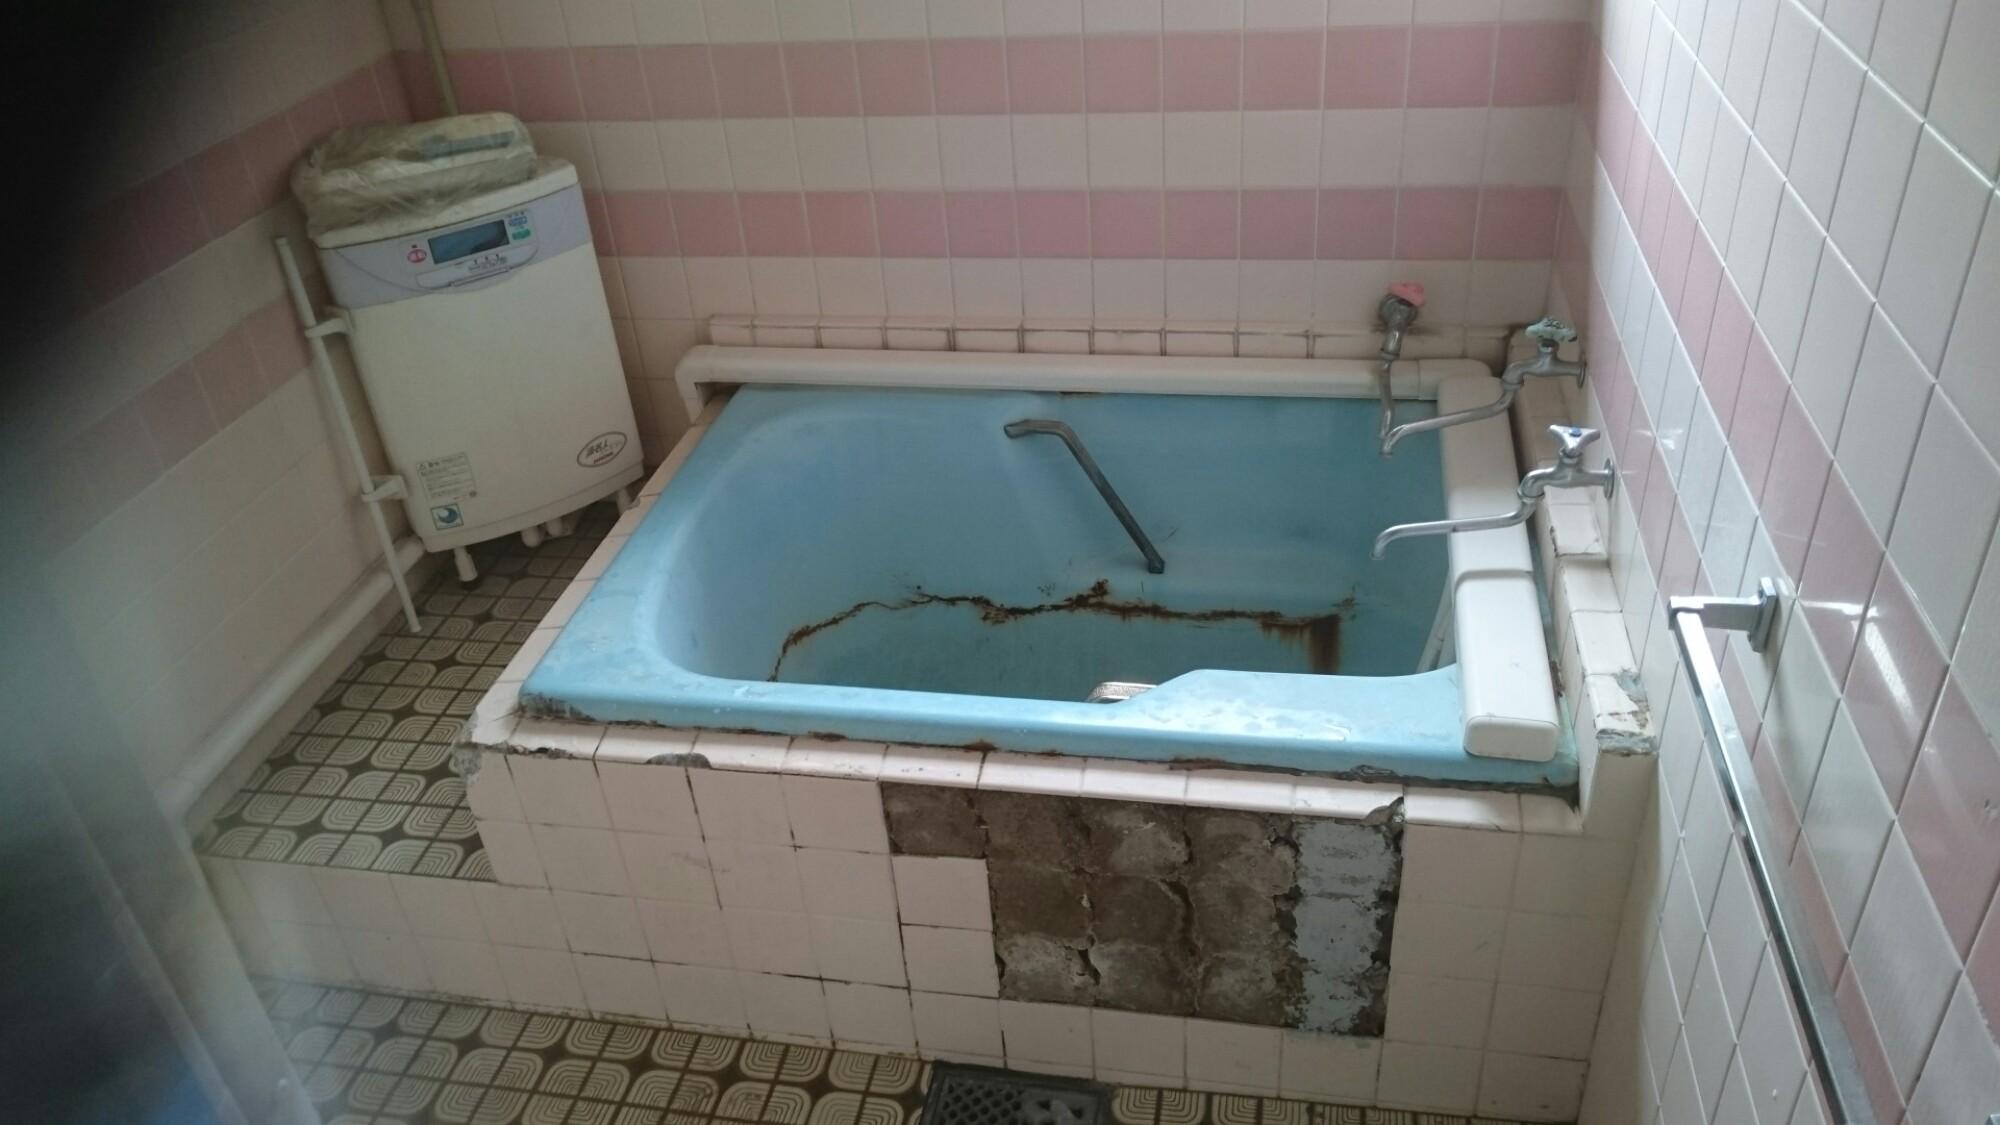 西条市 浴槽入替え タイル補修リフォーム 施工前